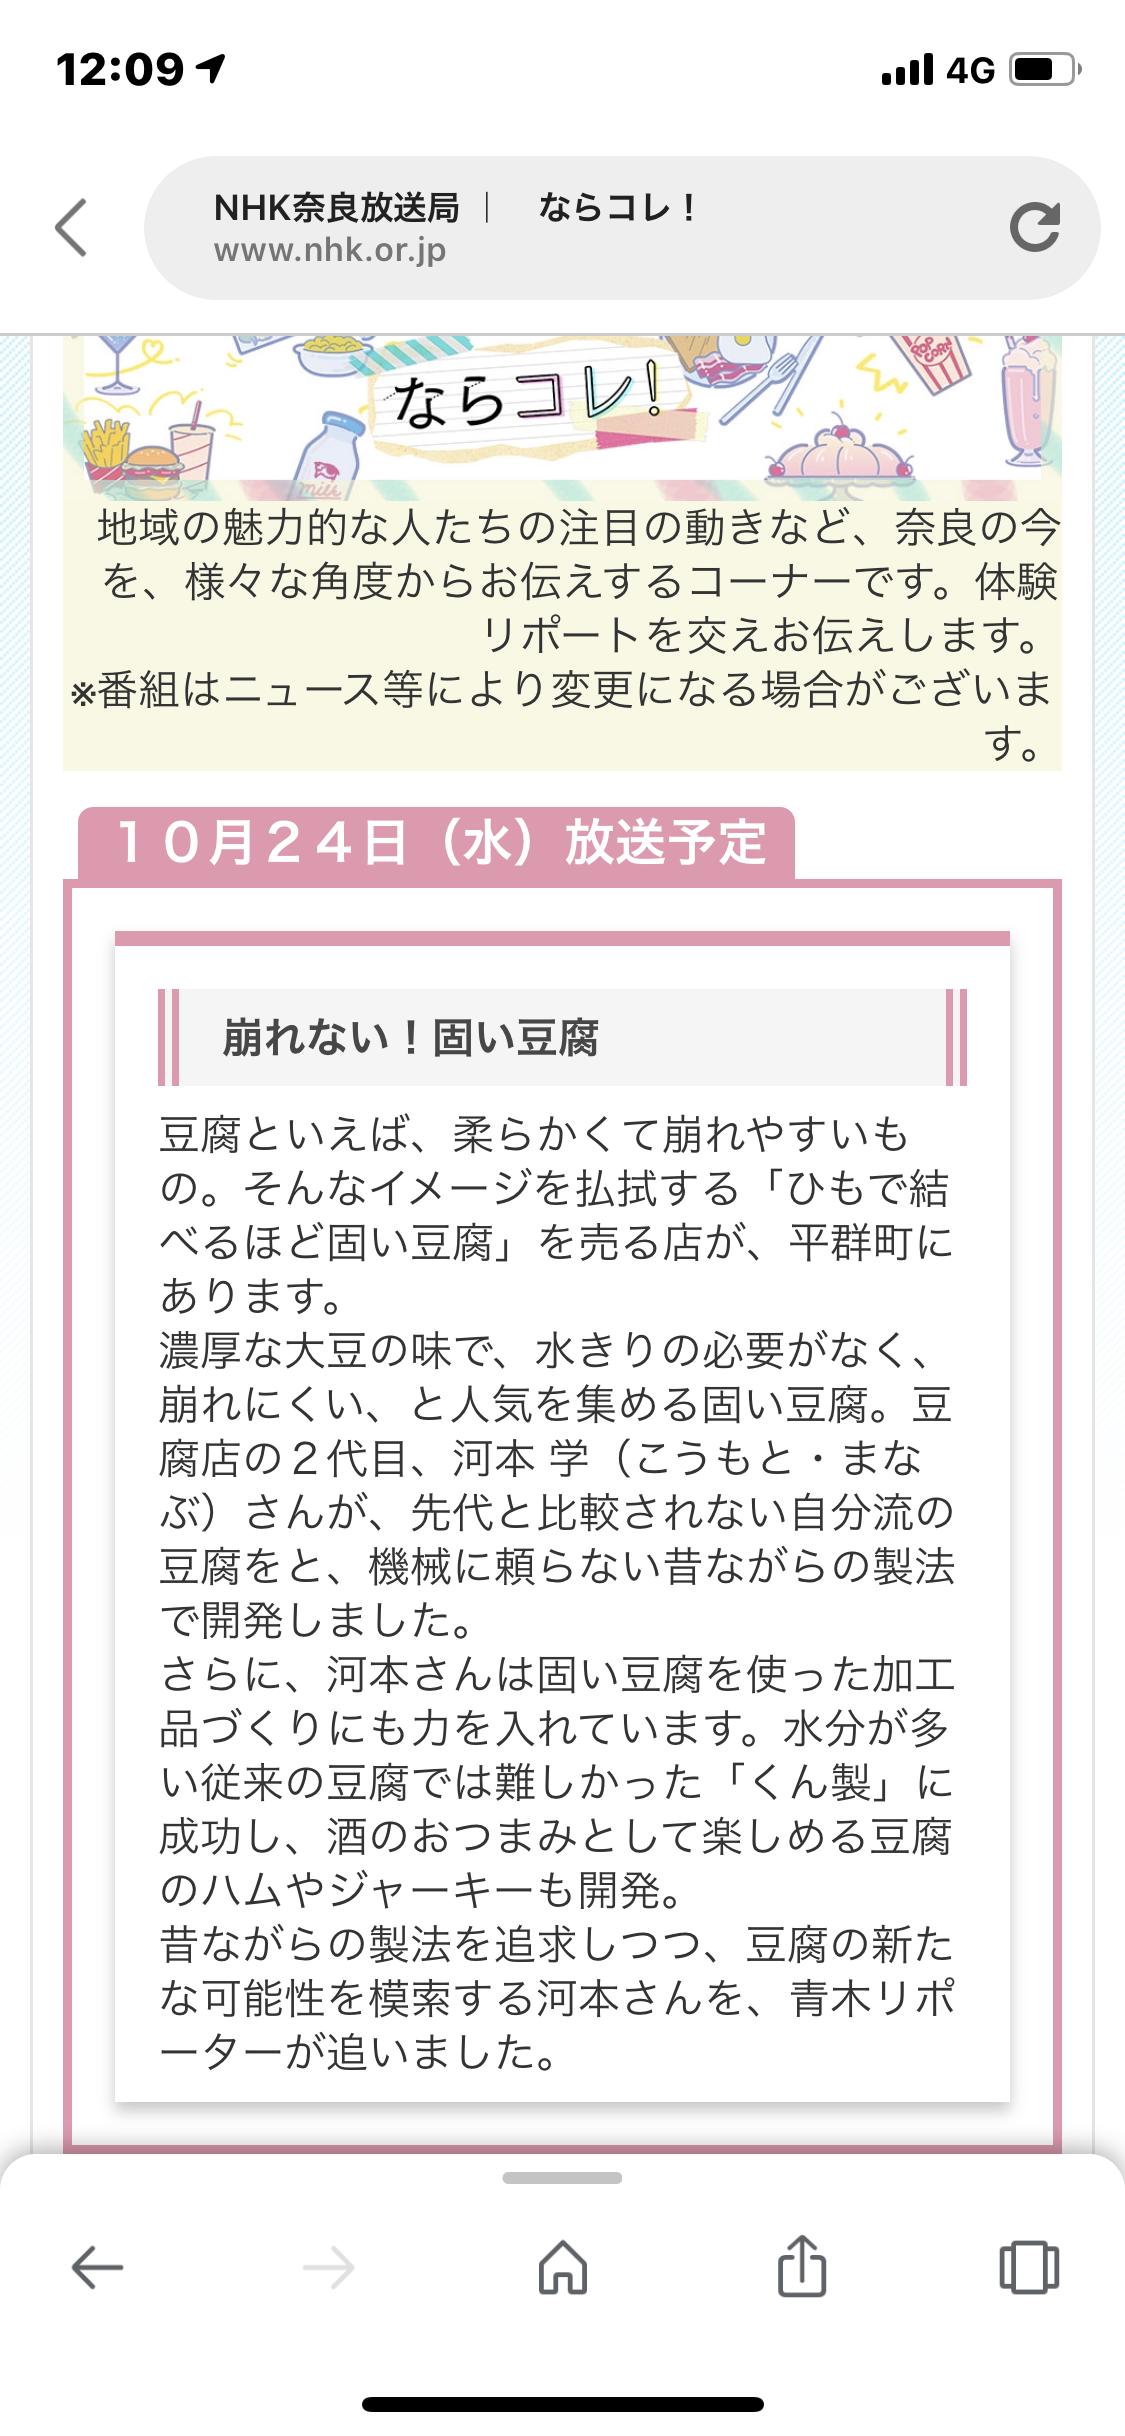 先日NHKの奈良ナビと言う番組で密着取材受けました。